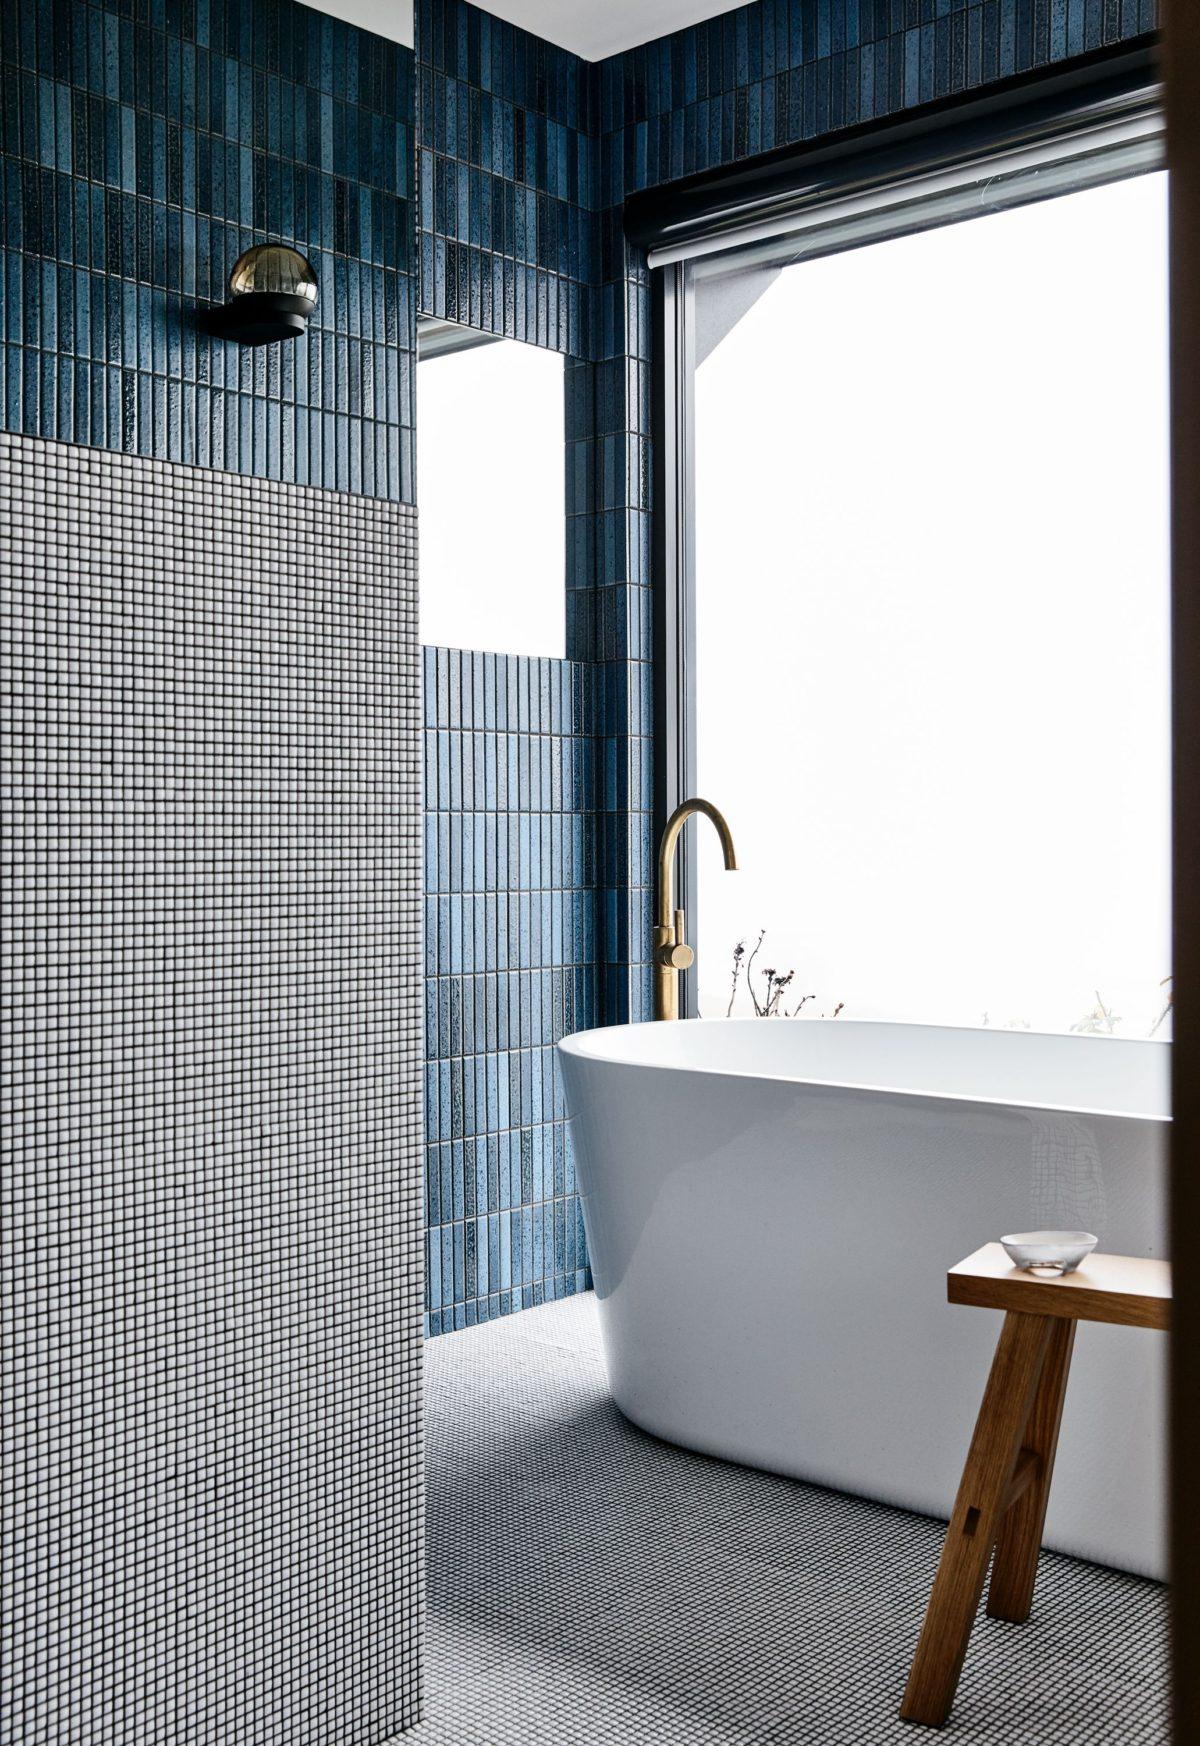 precioso baño decorado en azul, blanco y gris con azulejos de diseño, formas geométricas